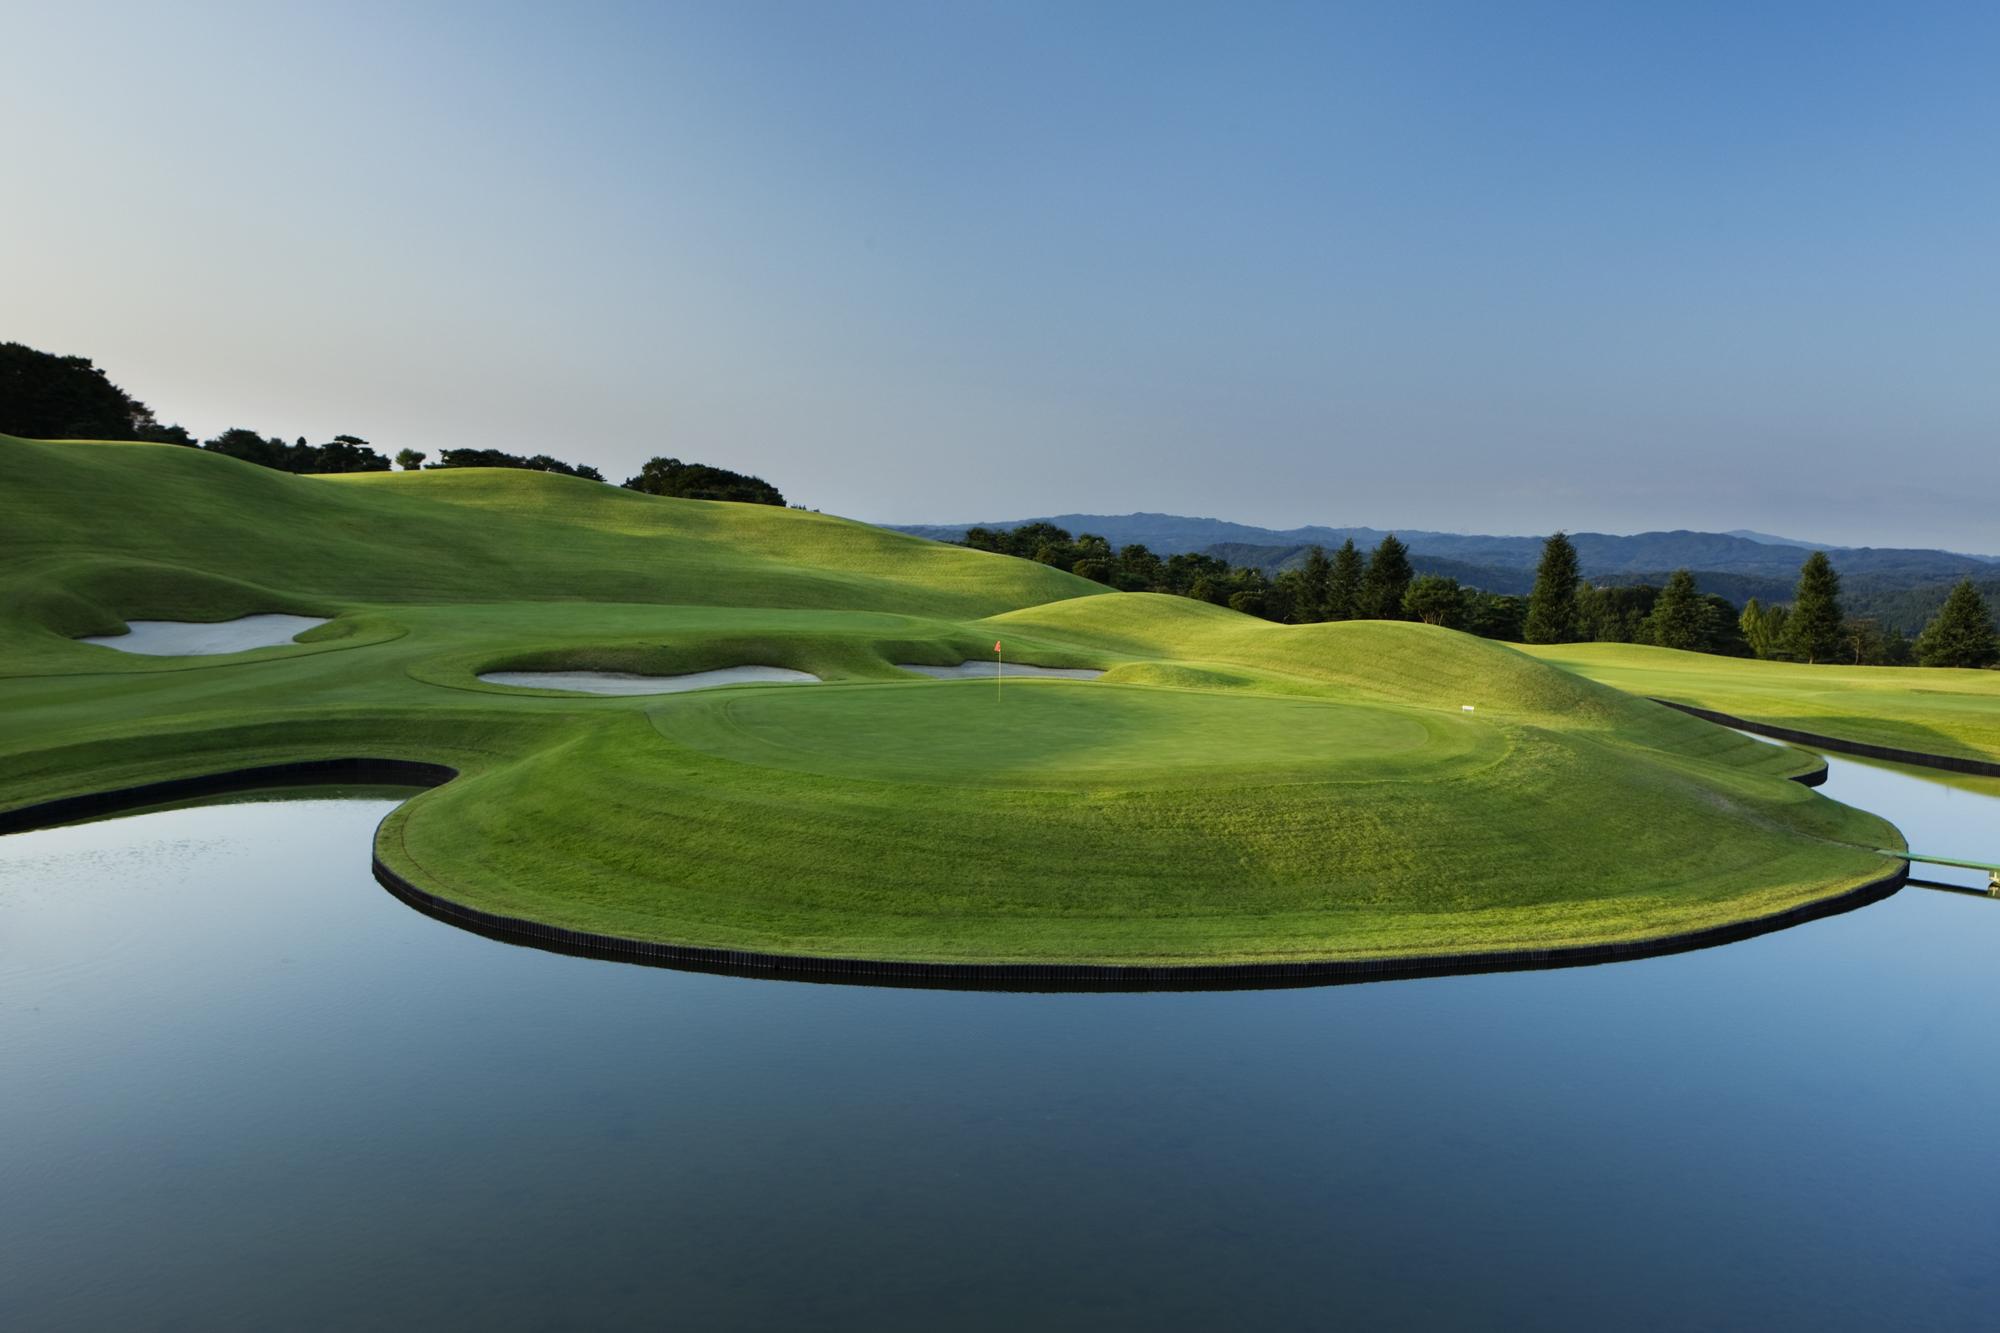 栃木県・烏山城カントリークラブ